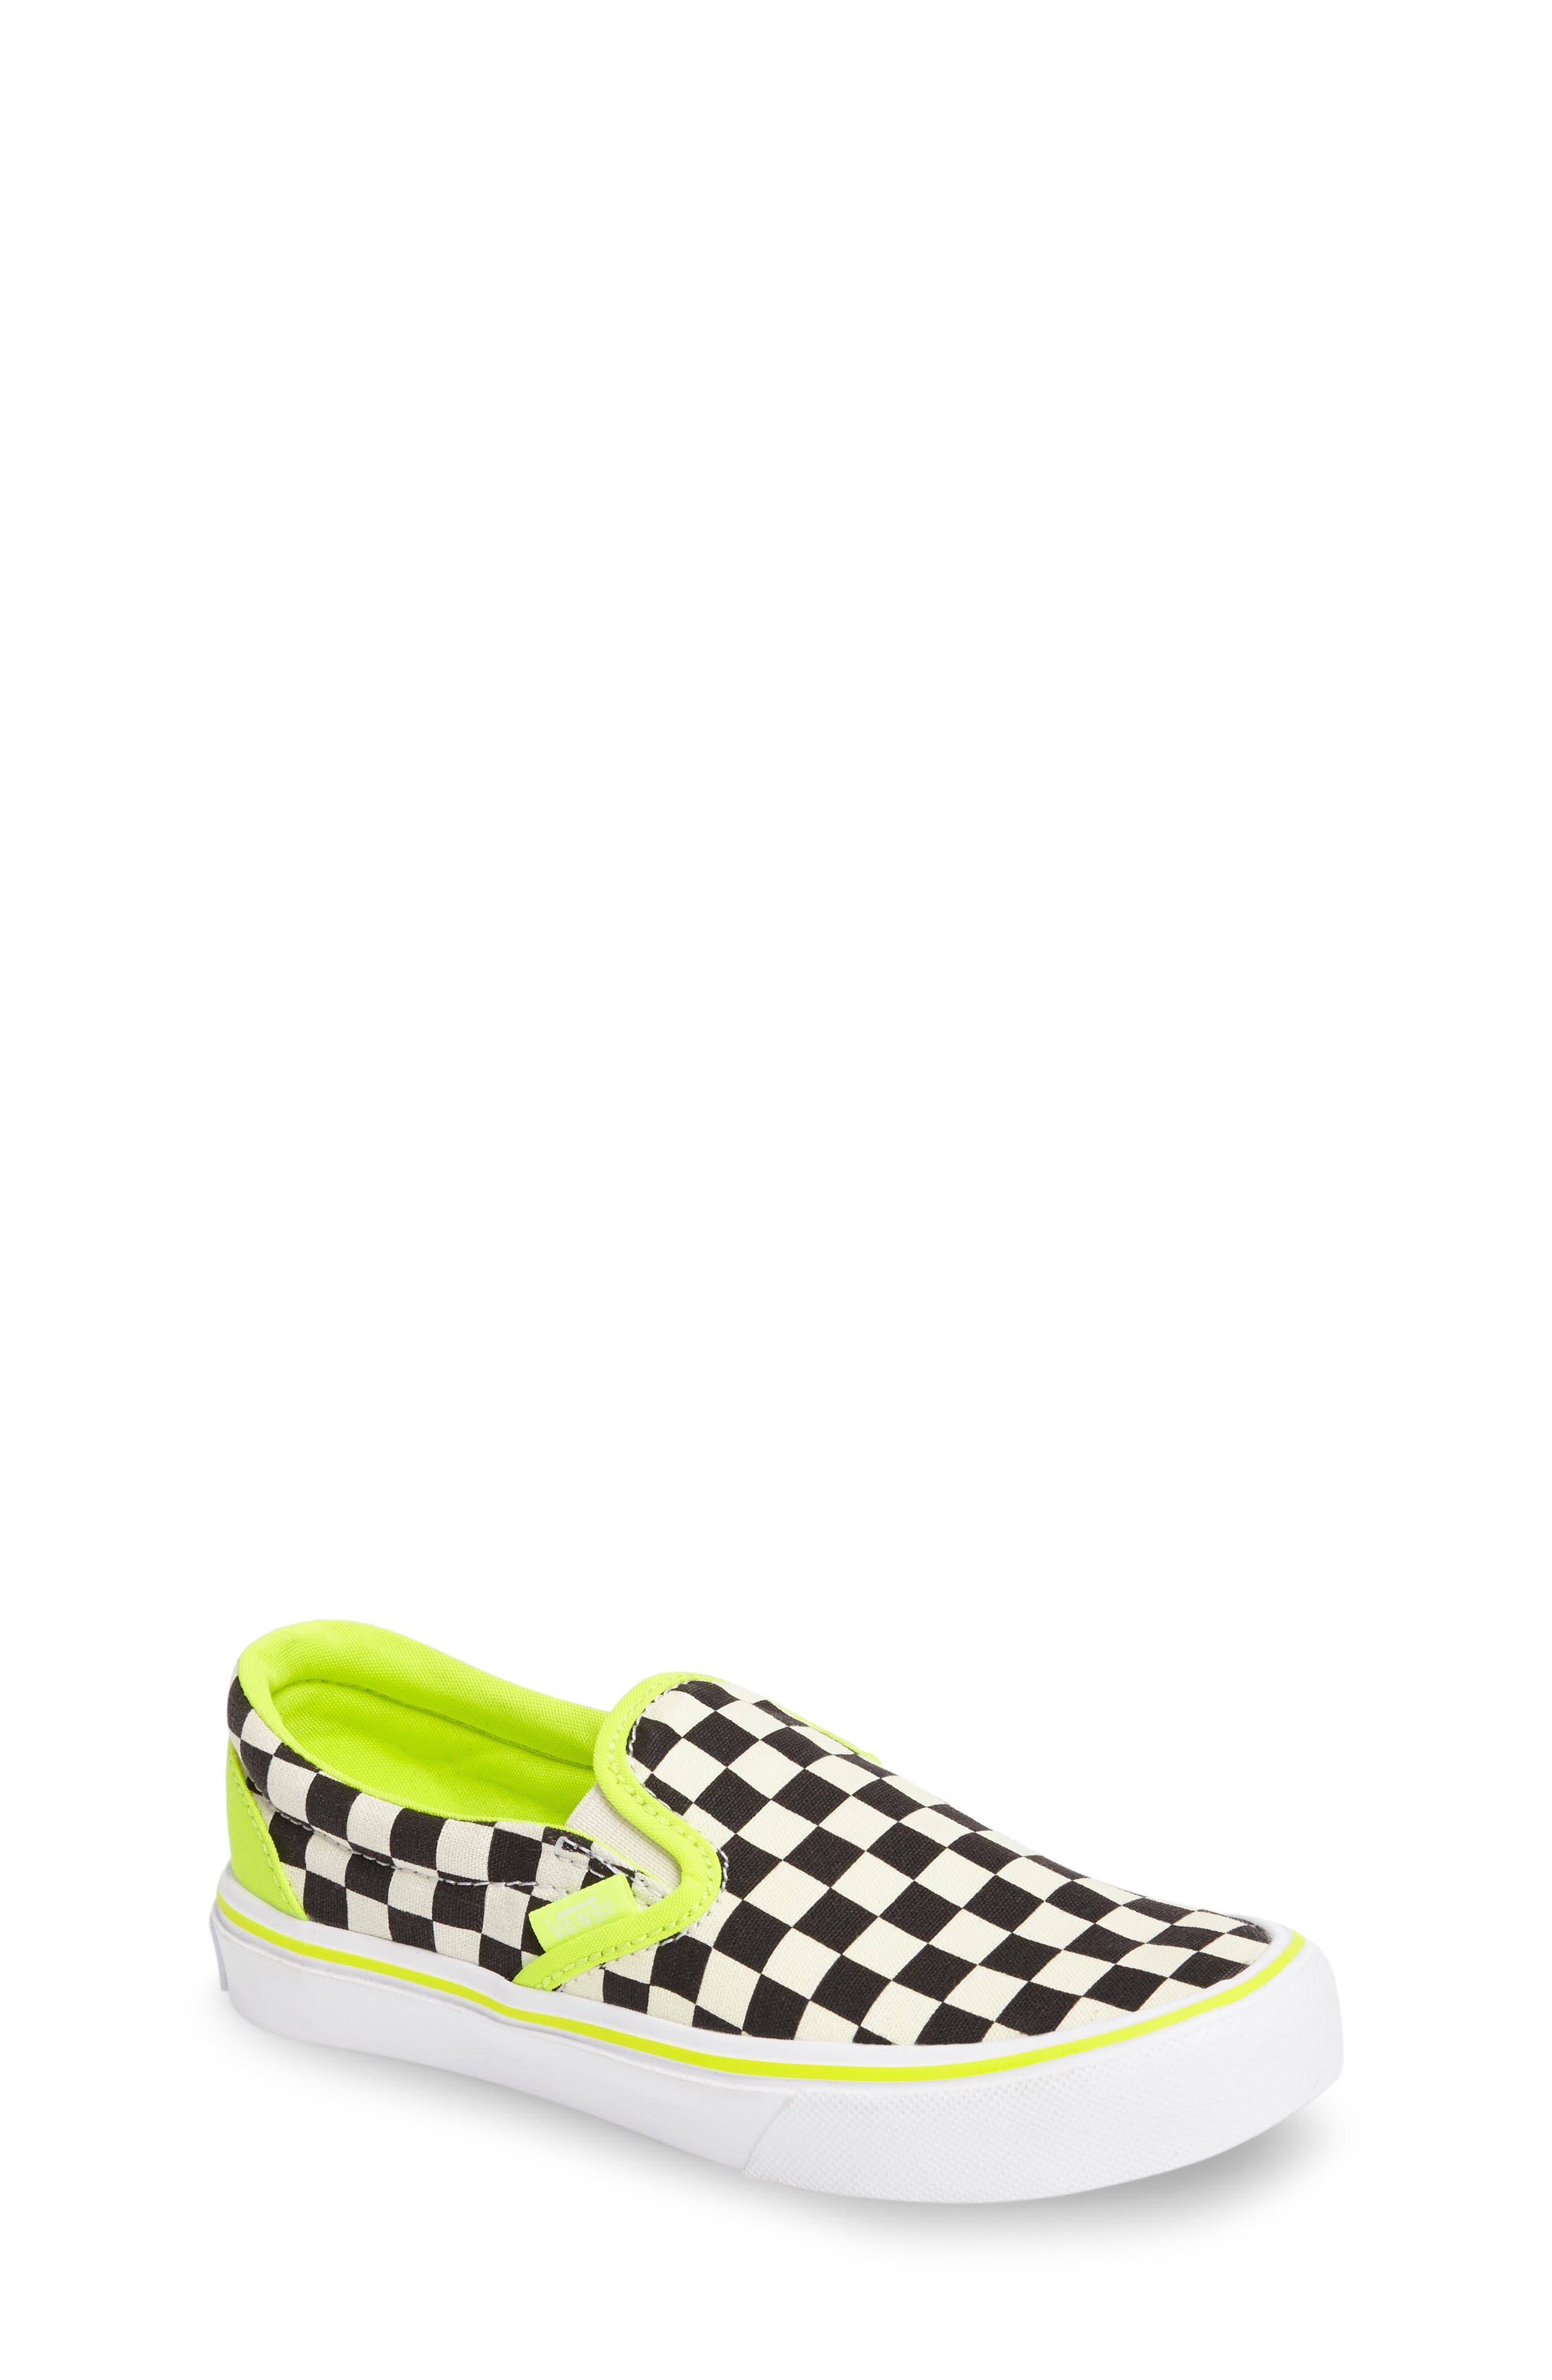 Classic Freshness Slip-On Lite Sneaker,                         Main,                         color, Freshness Classic White/Black